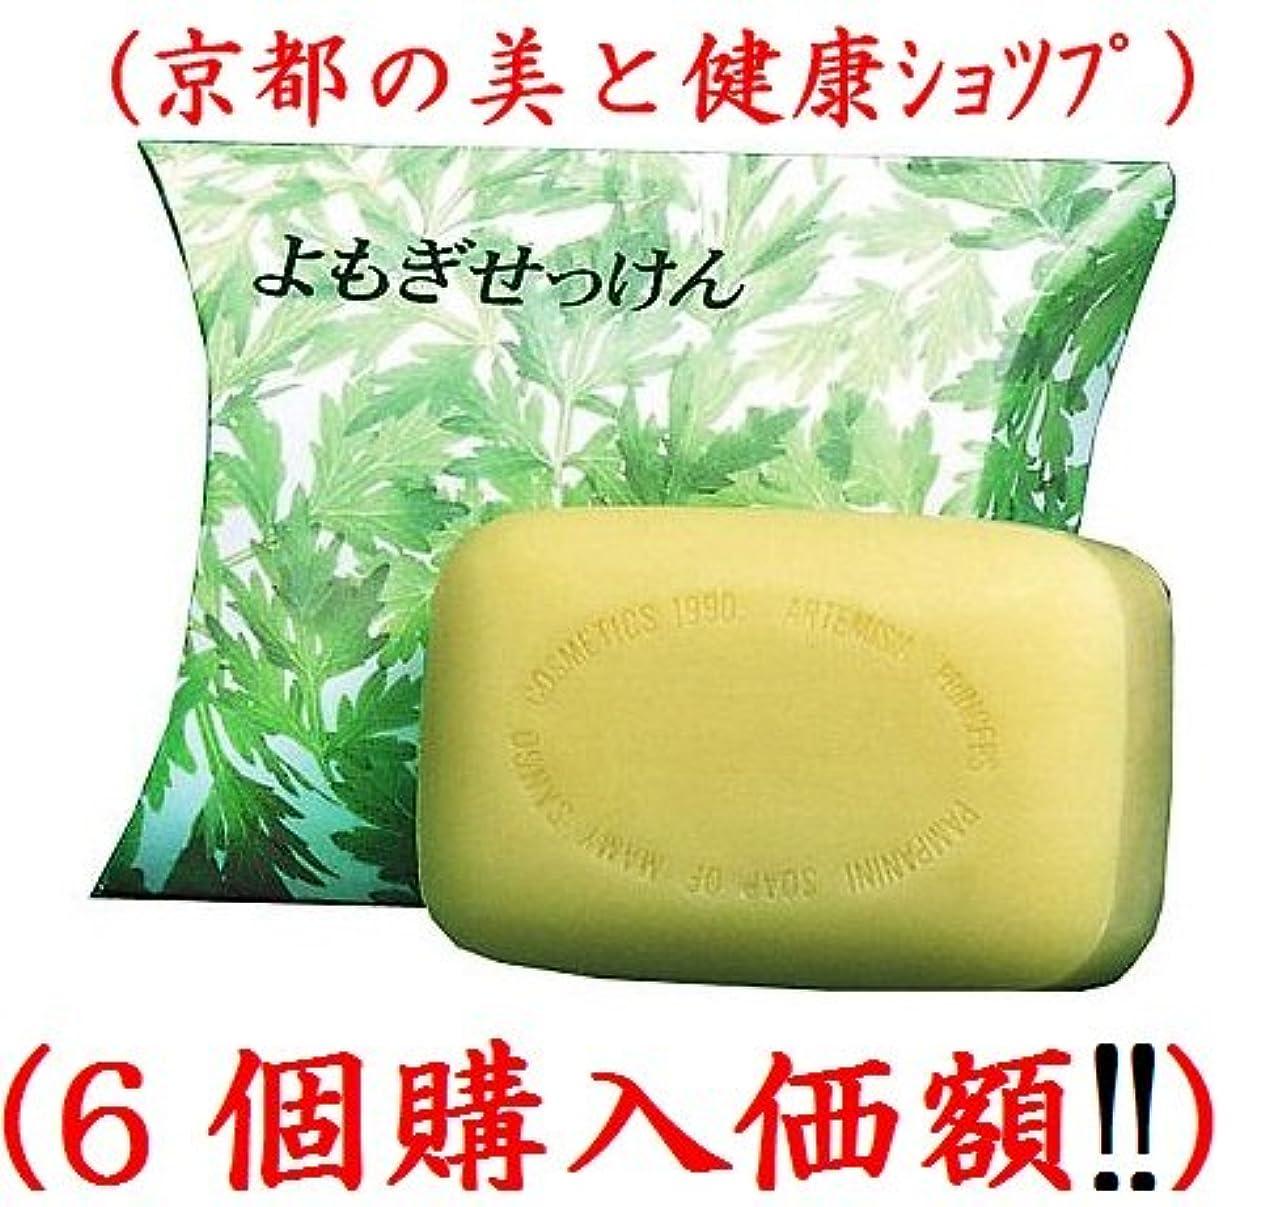 シダブラスト浸漬マミーサンゴソープAよもぎ石鹸95g(6個購入価額)